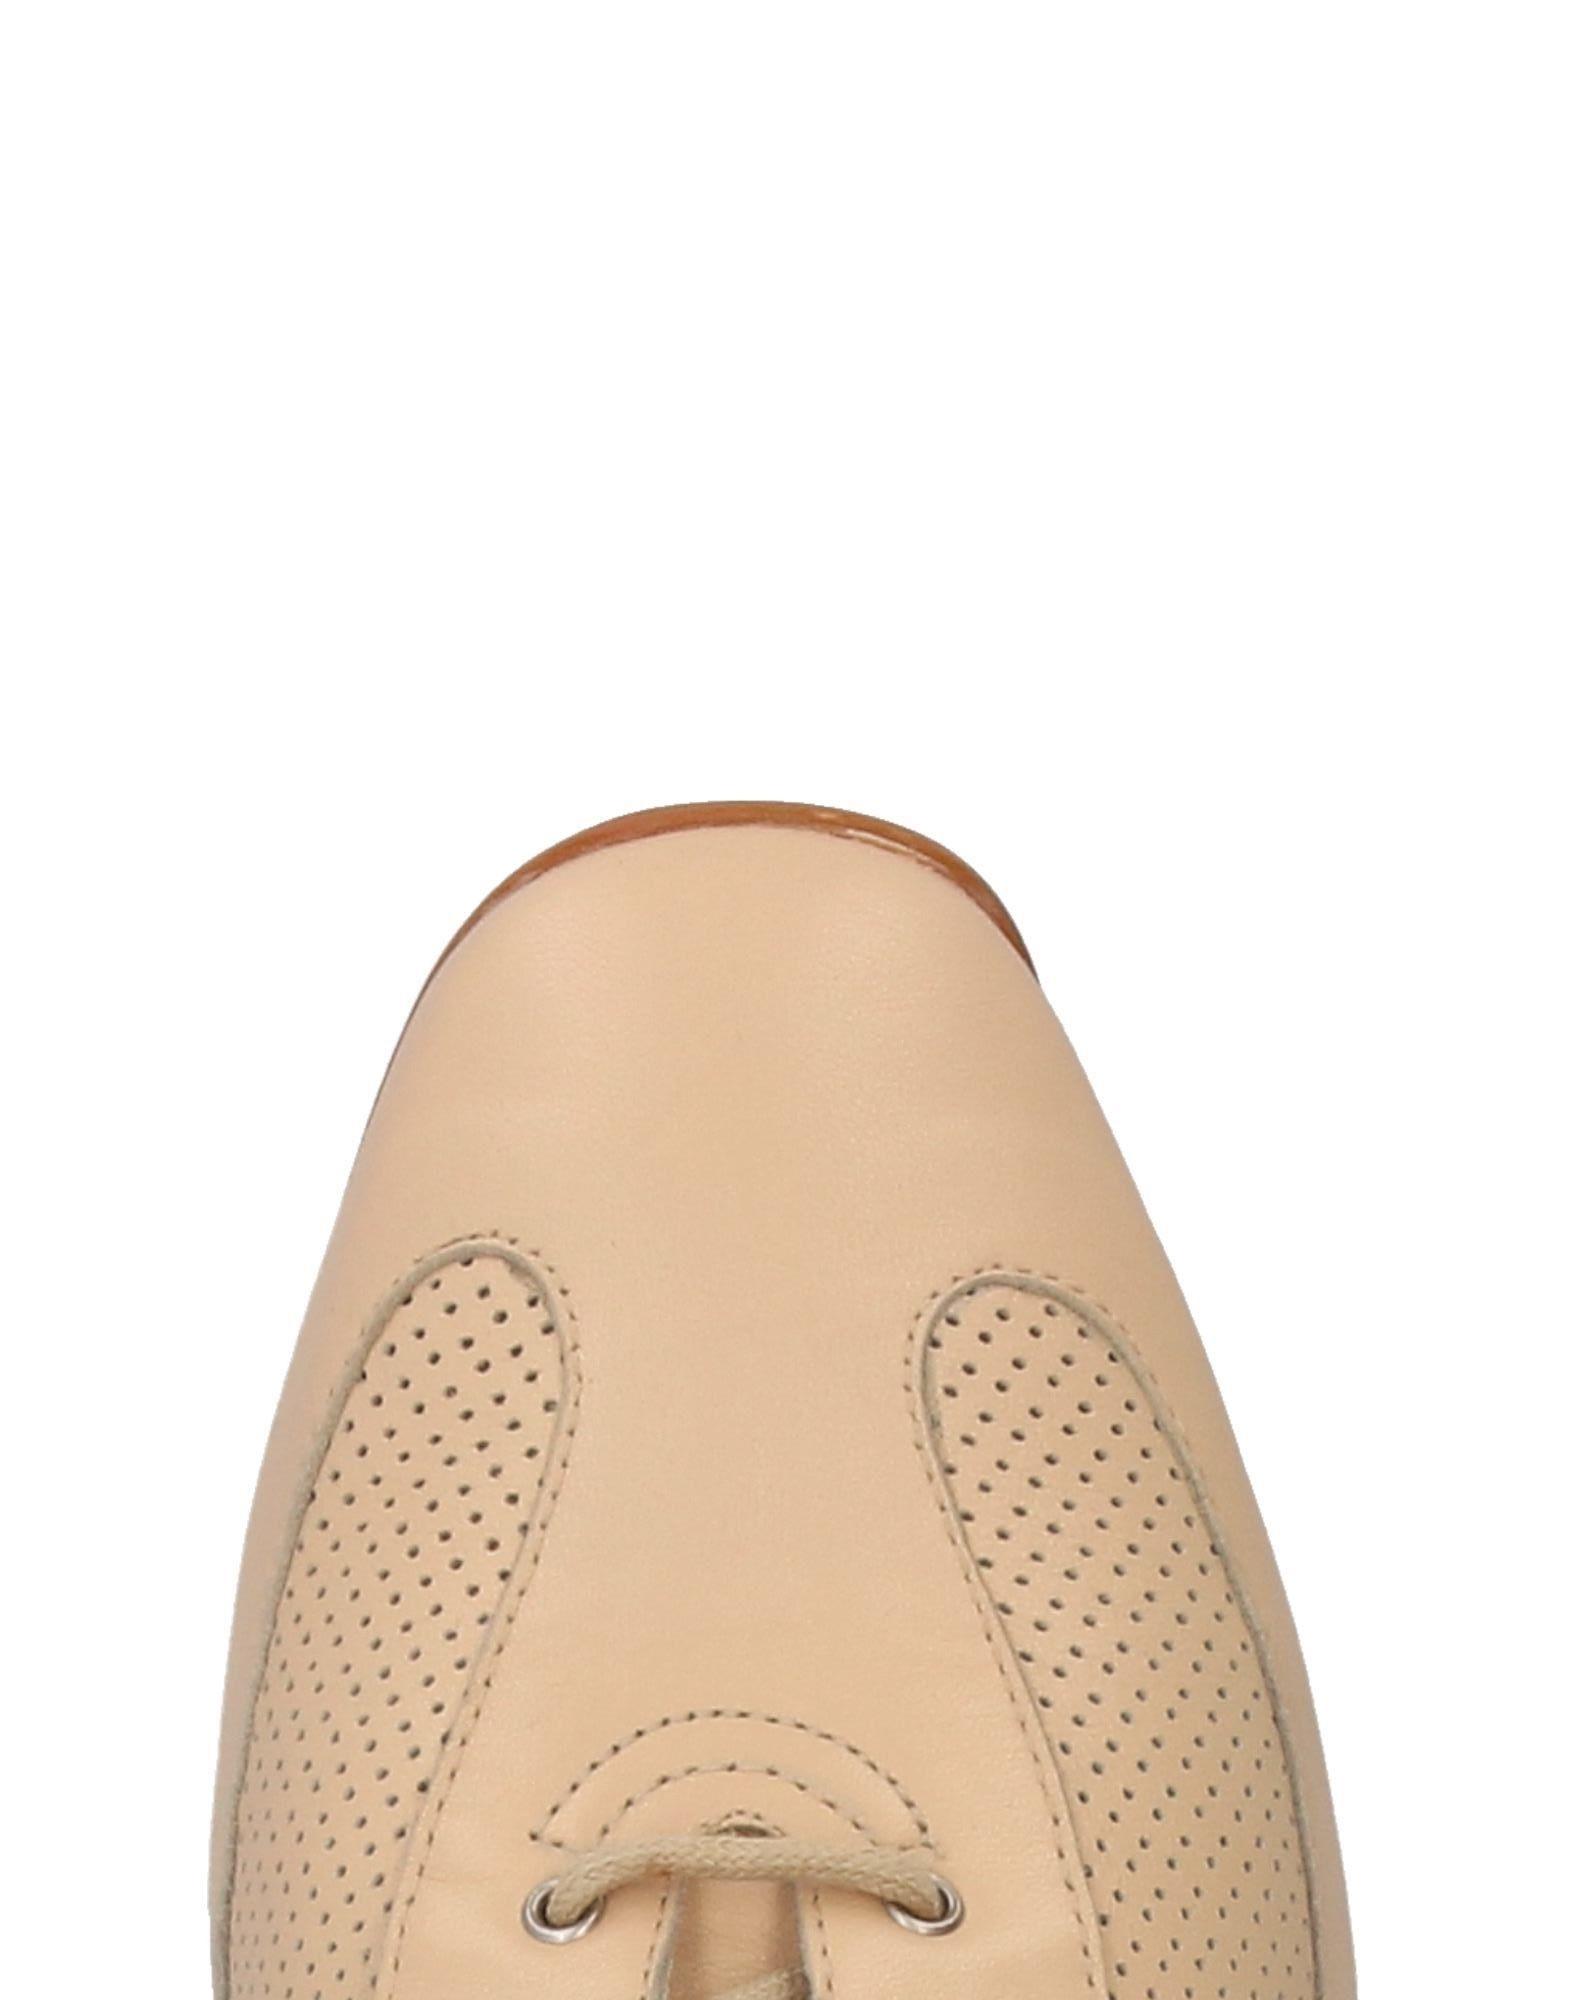 Valleverde Sneakers Damen  11370173UD Schuhe Heiße Schuhe 11370173UD a4417e